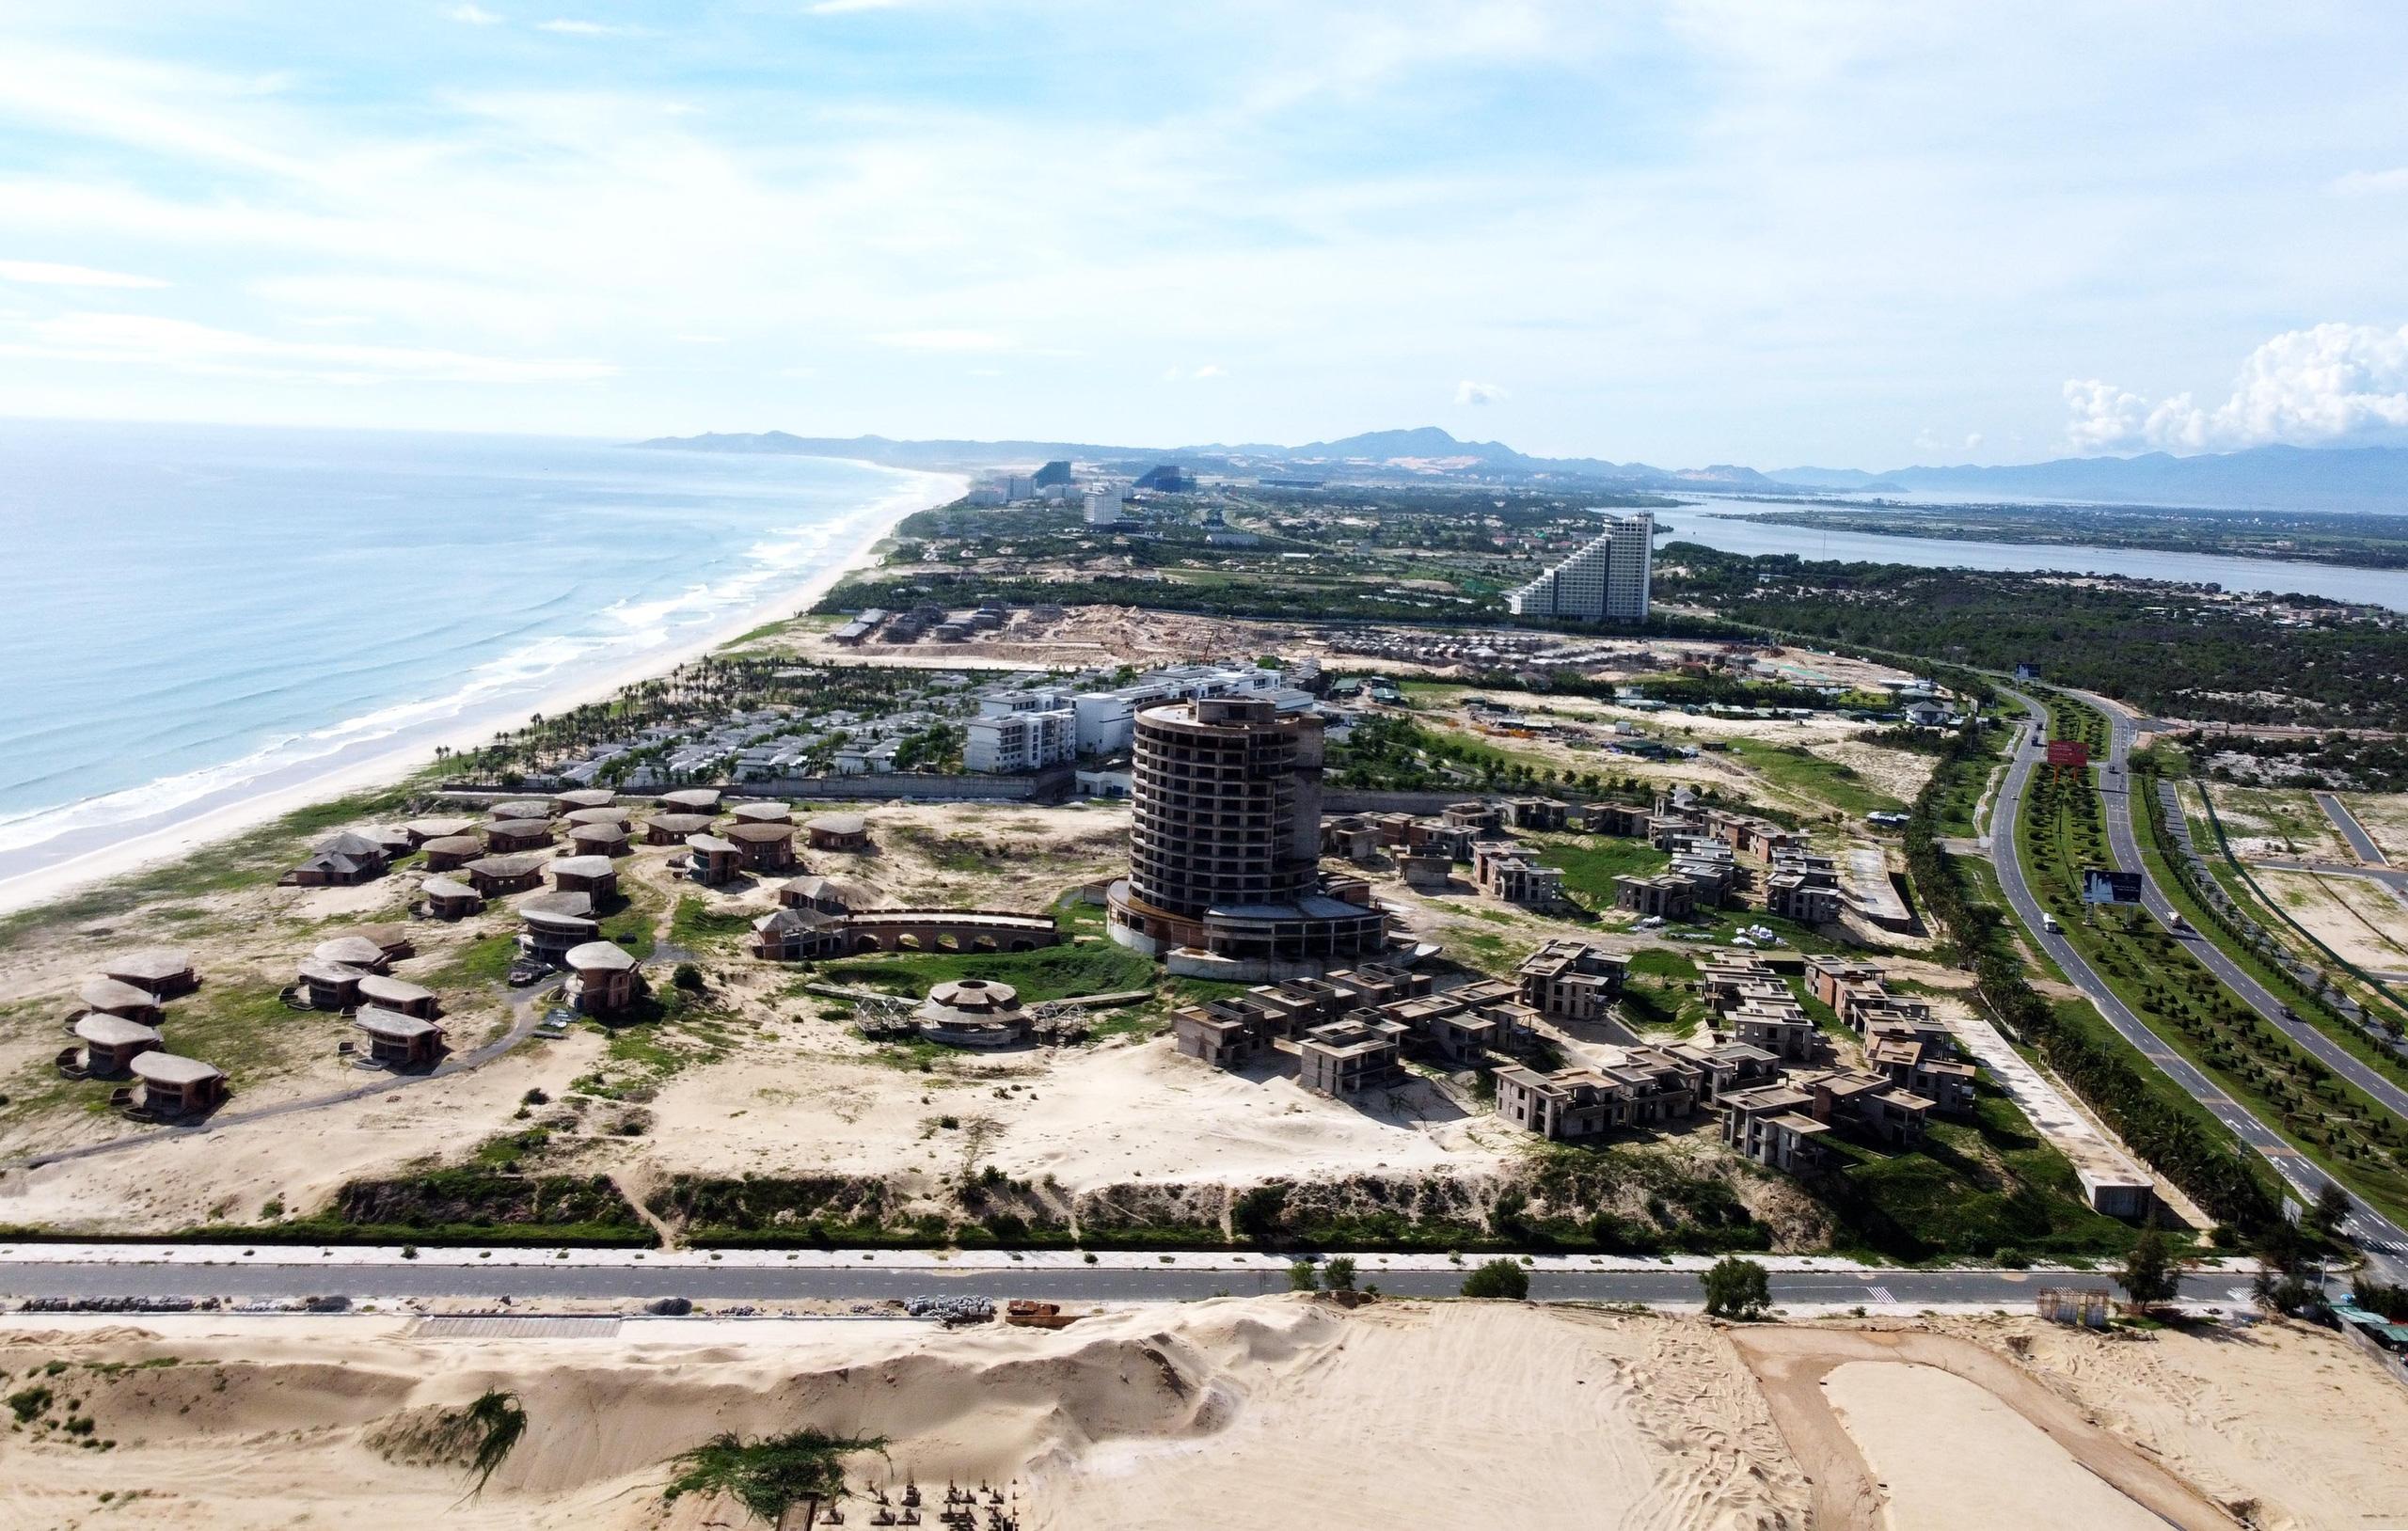 Khánh Hòa: Hàng loạt dự án vẫn còn đất ở không hình thành đơn vị ở với khoảng 30.000 condotel - Ảnh 2.